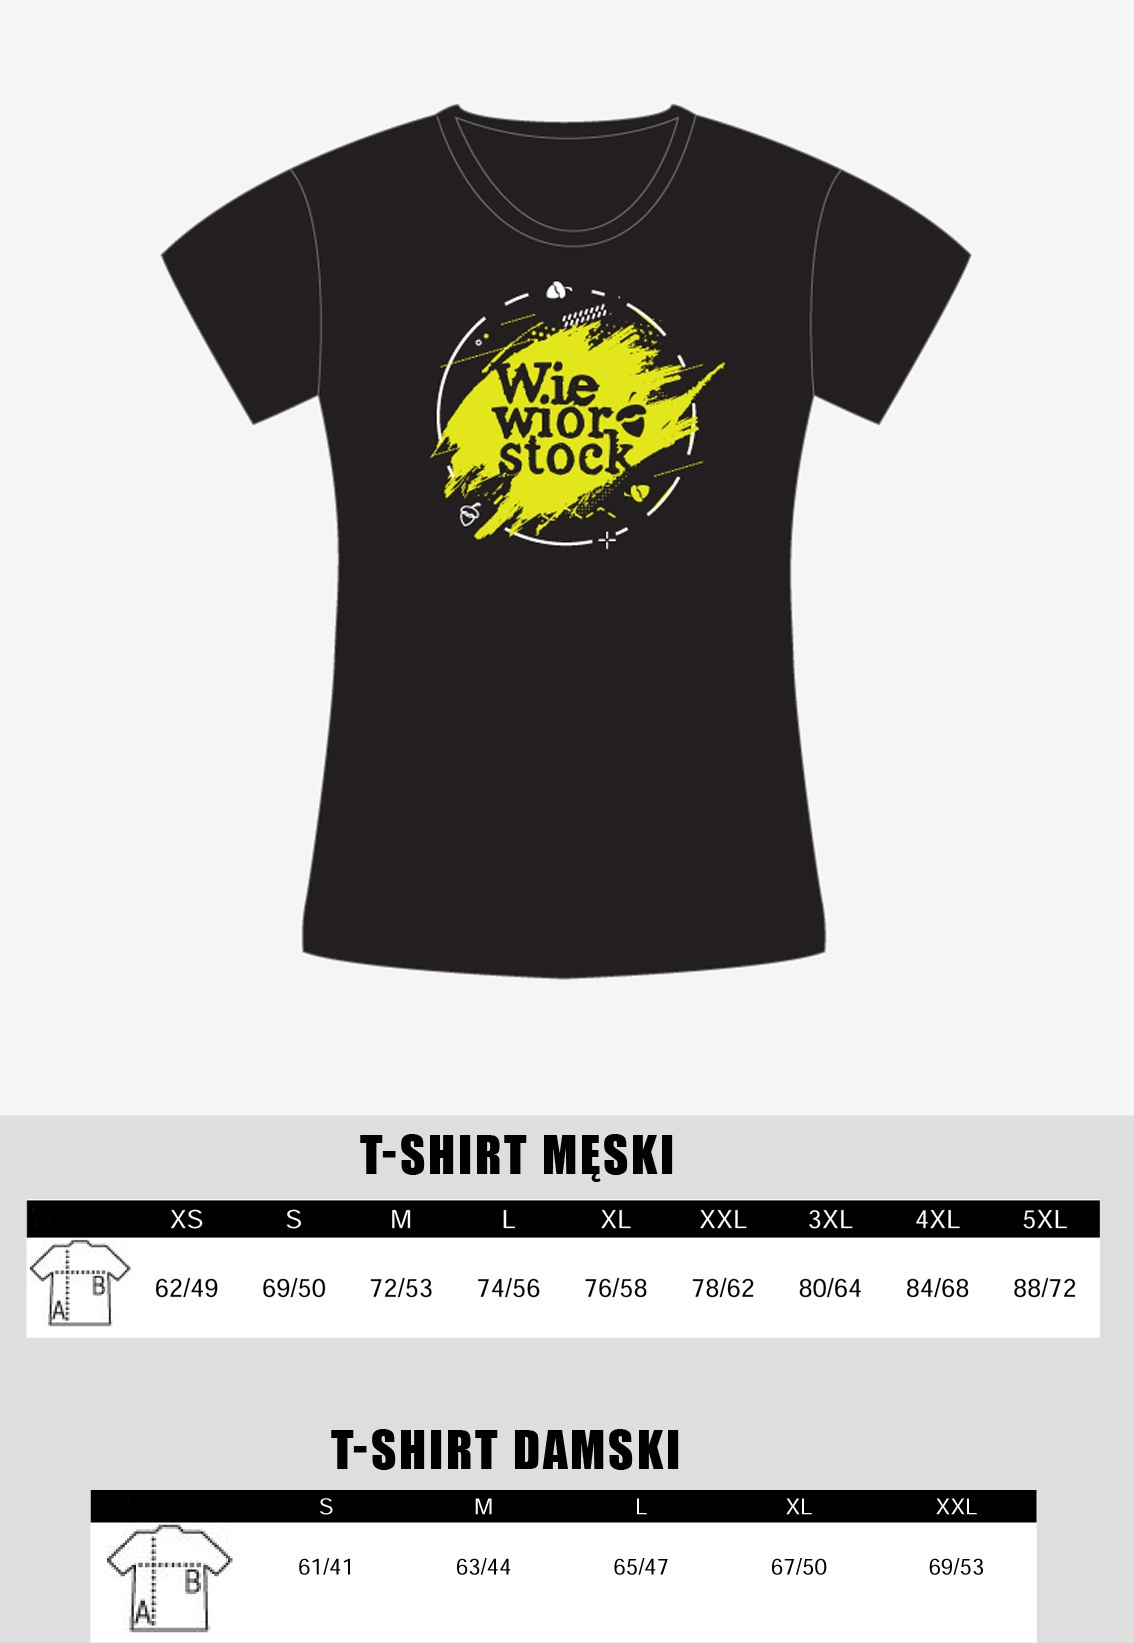 Wiewiórstockowy T-shirt wzór drugi :) Damski XL